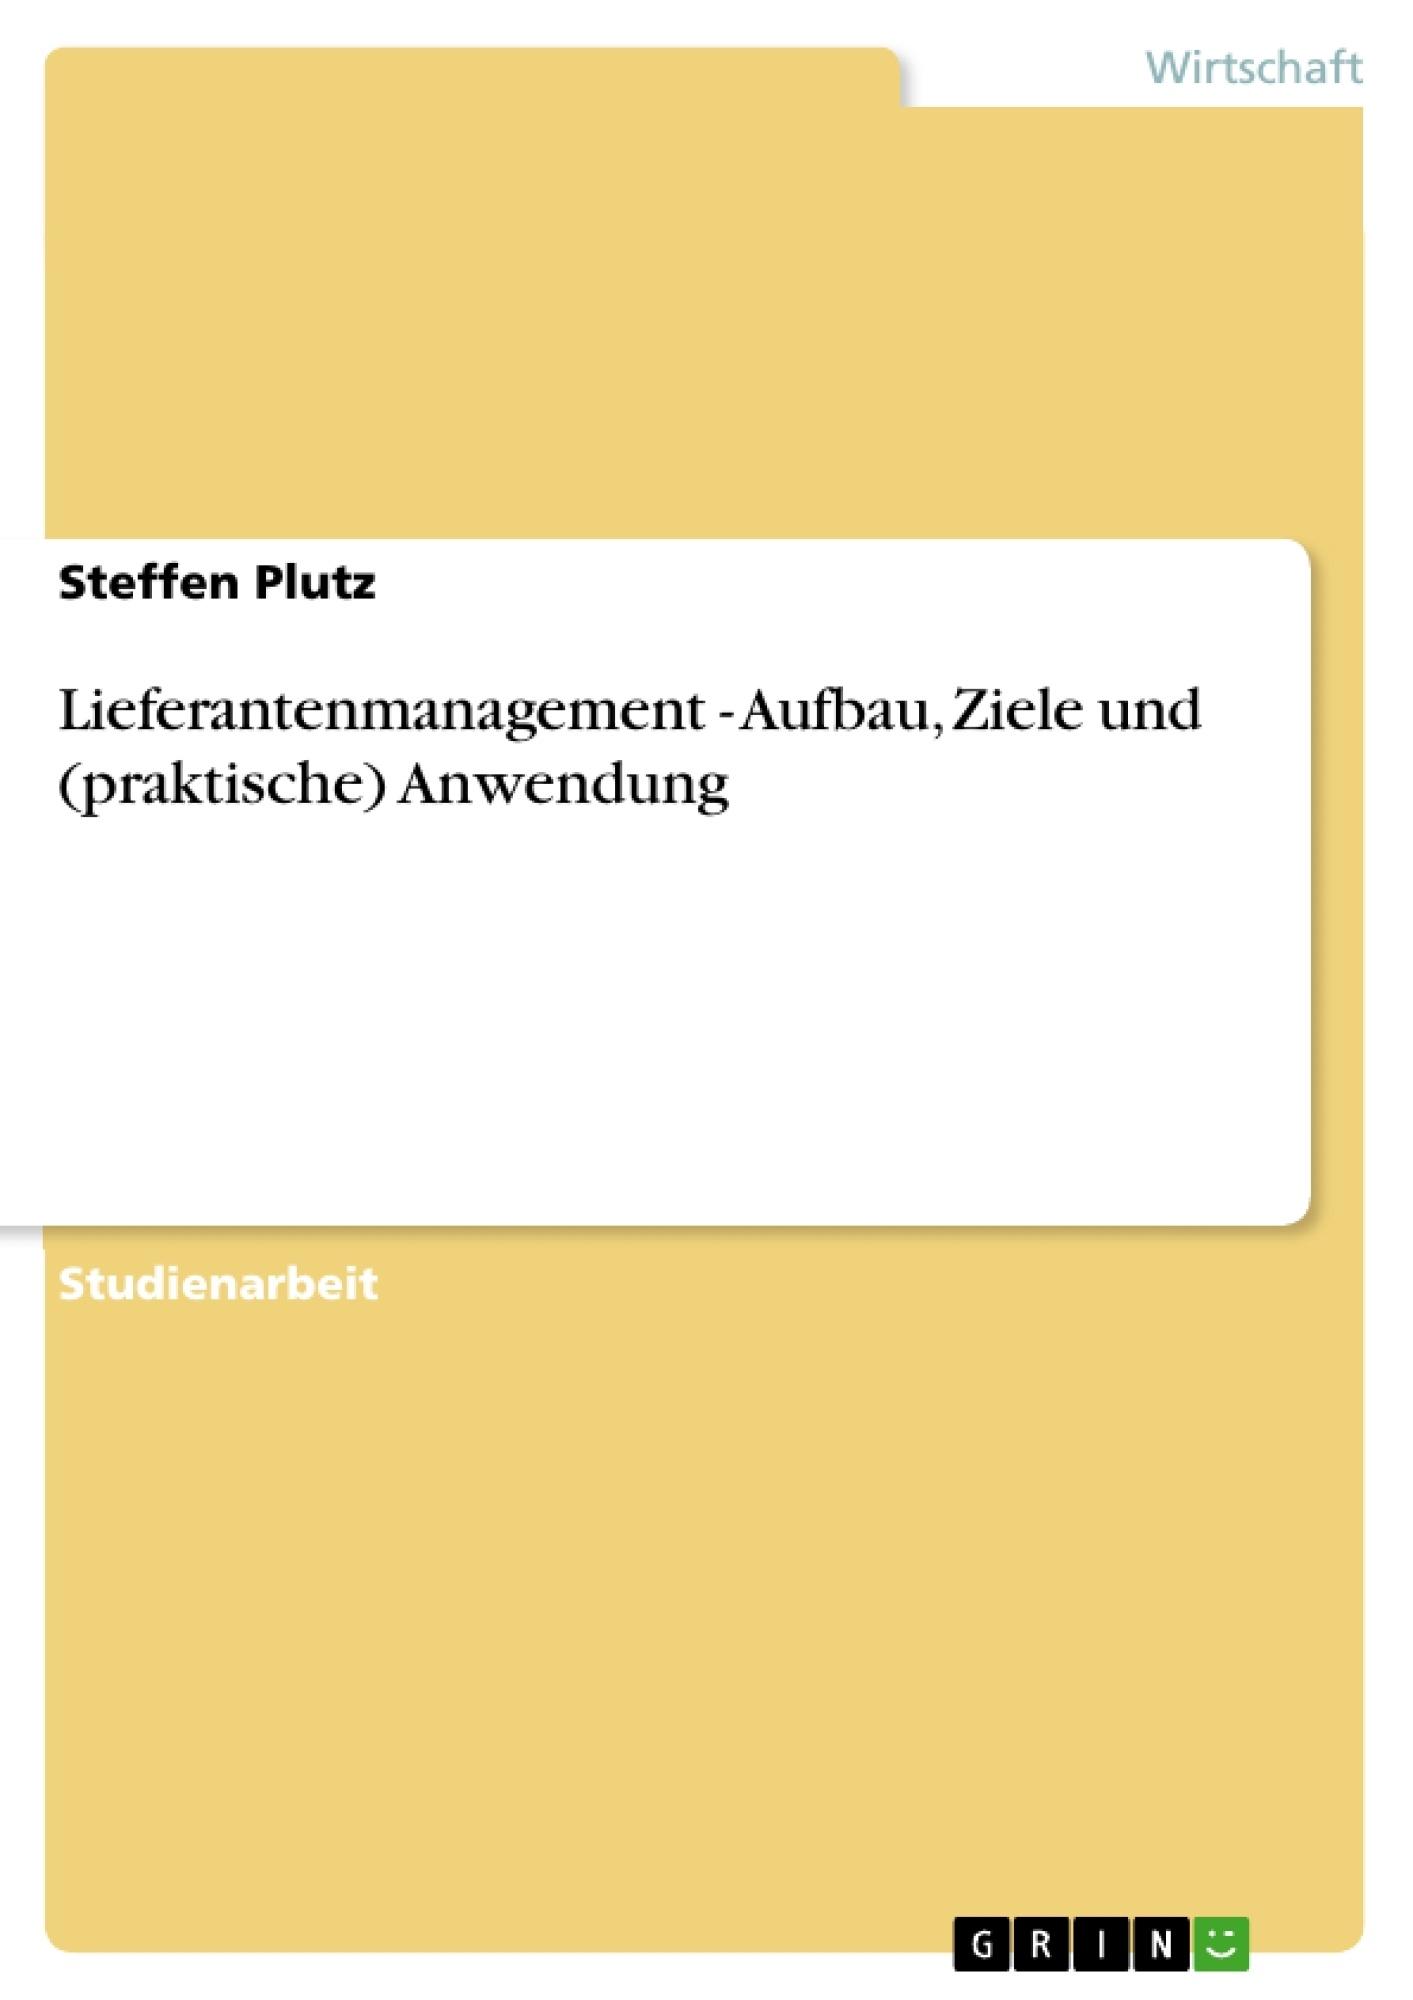 Titel: Lieferantenmanagement - Aufbau, Ziele und (praktische) Anwendung